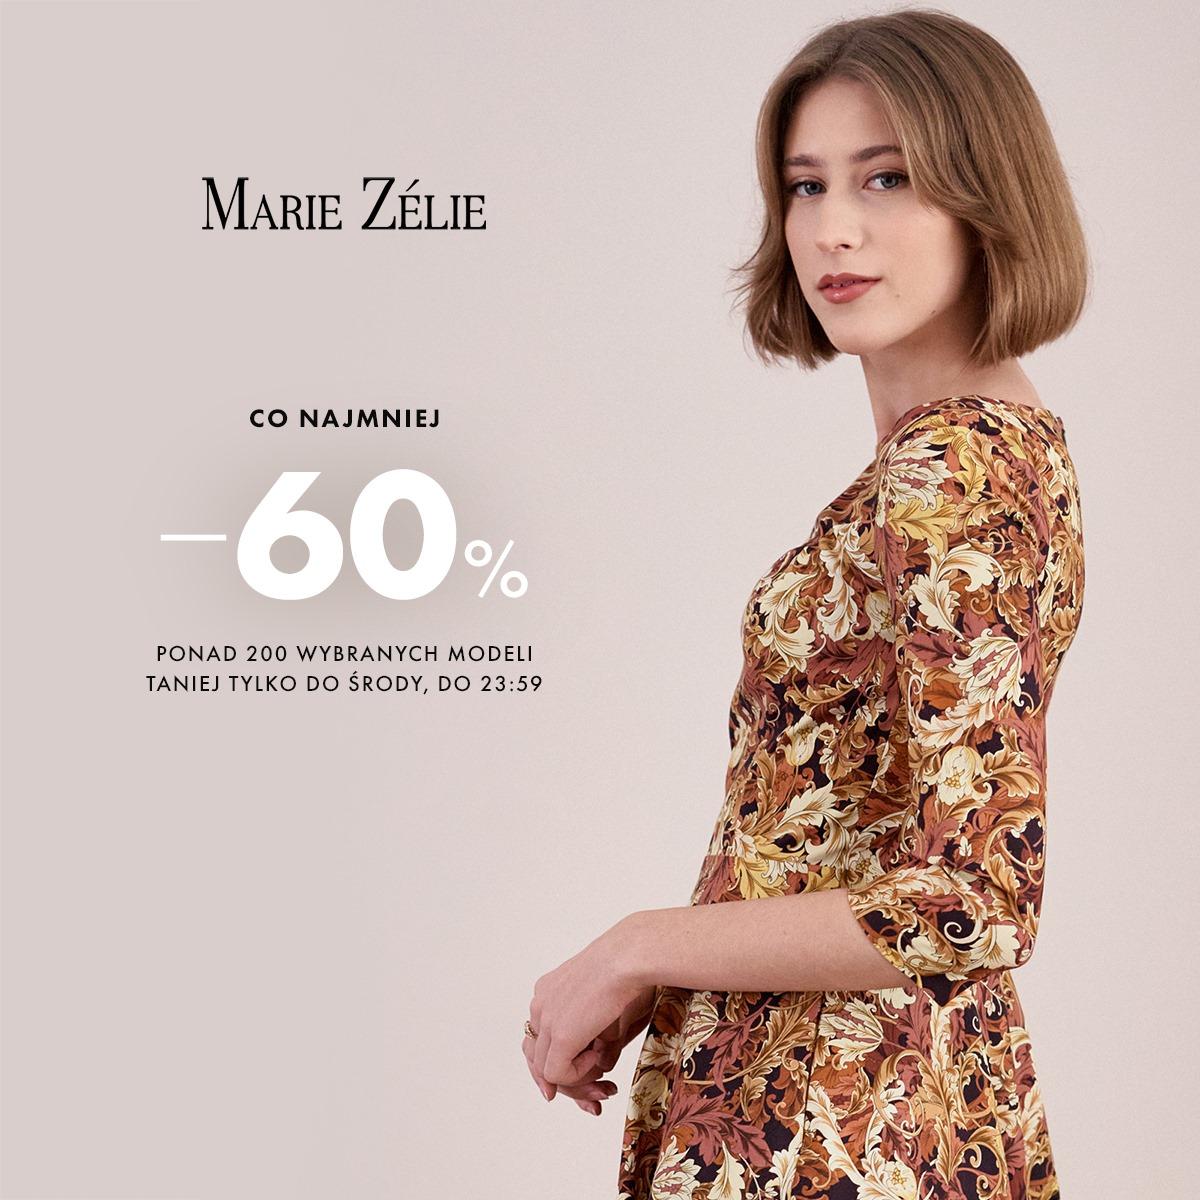 Marie Zelie Marie Zelie: co najmniej 60% rabatu na ponad 200 wybranych modeli odzieży damskiej